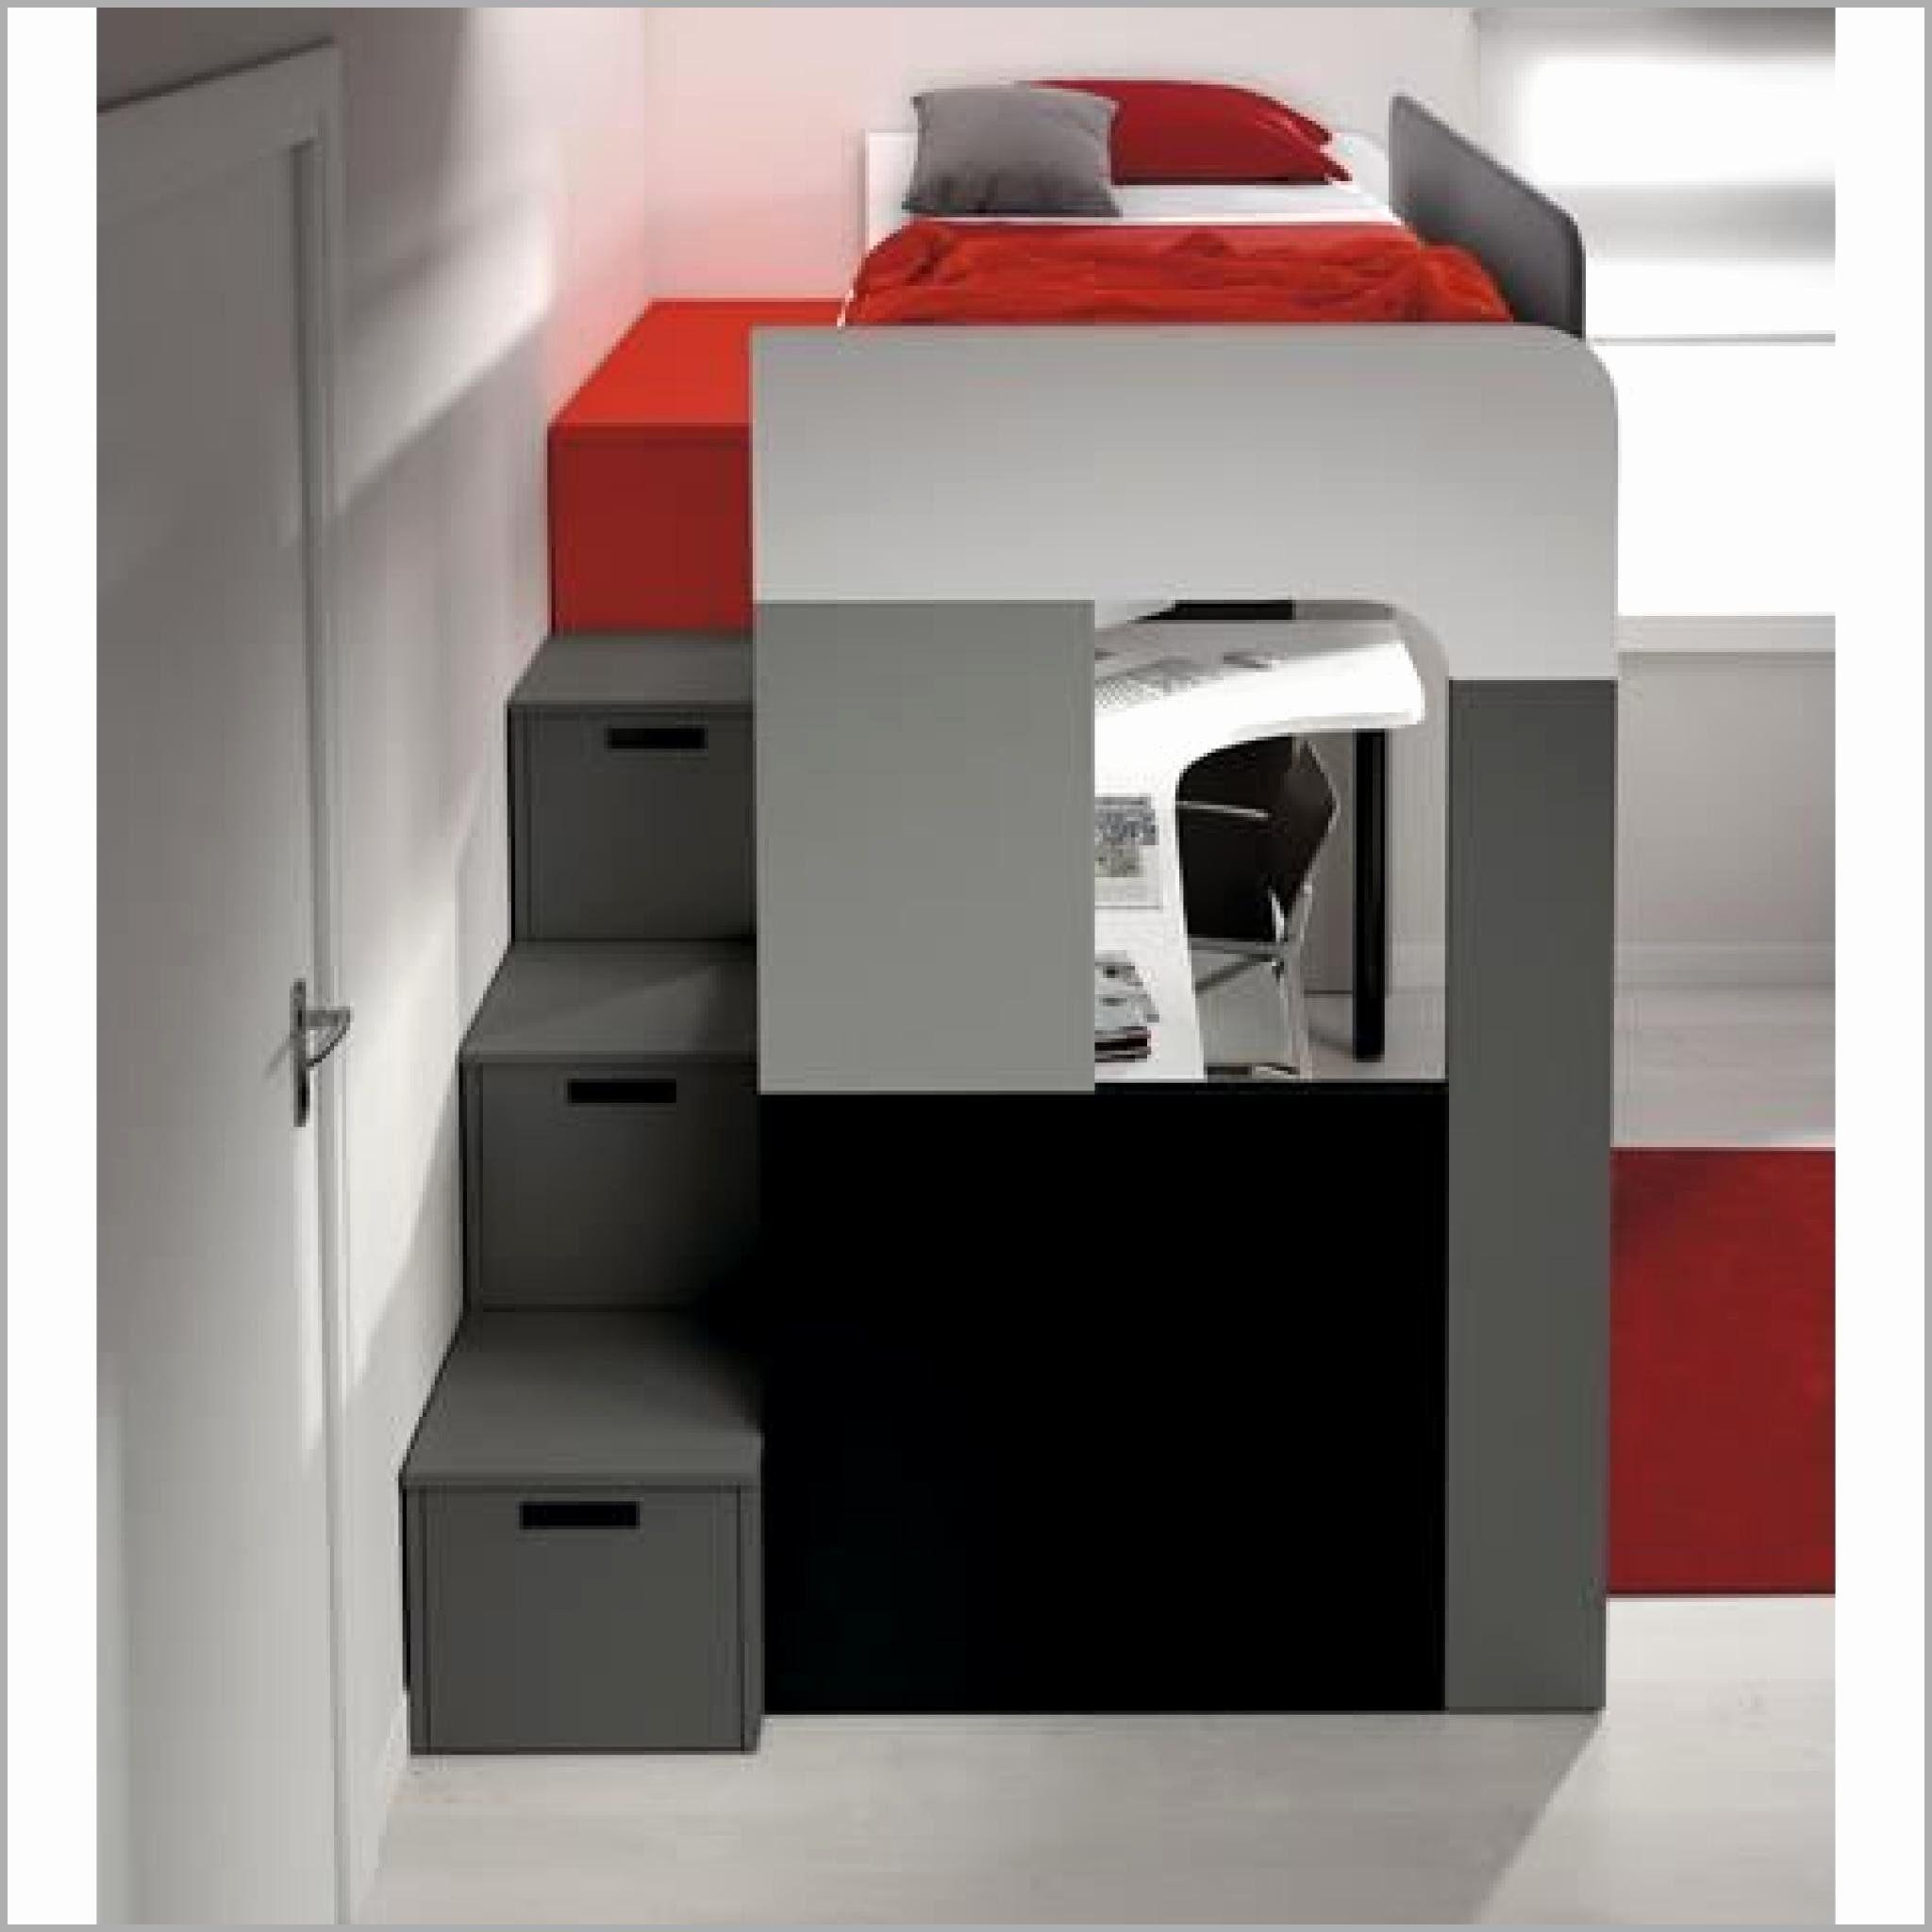 Lit Mezzanine 1 Place Avec Bureau Belle Lit Mezzanine Avec Armoire Integree Schön Ikea Rangement Lit Beau